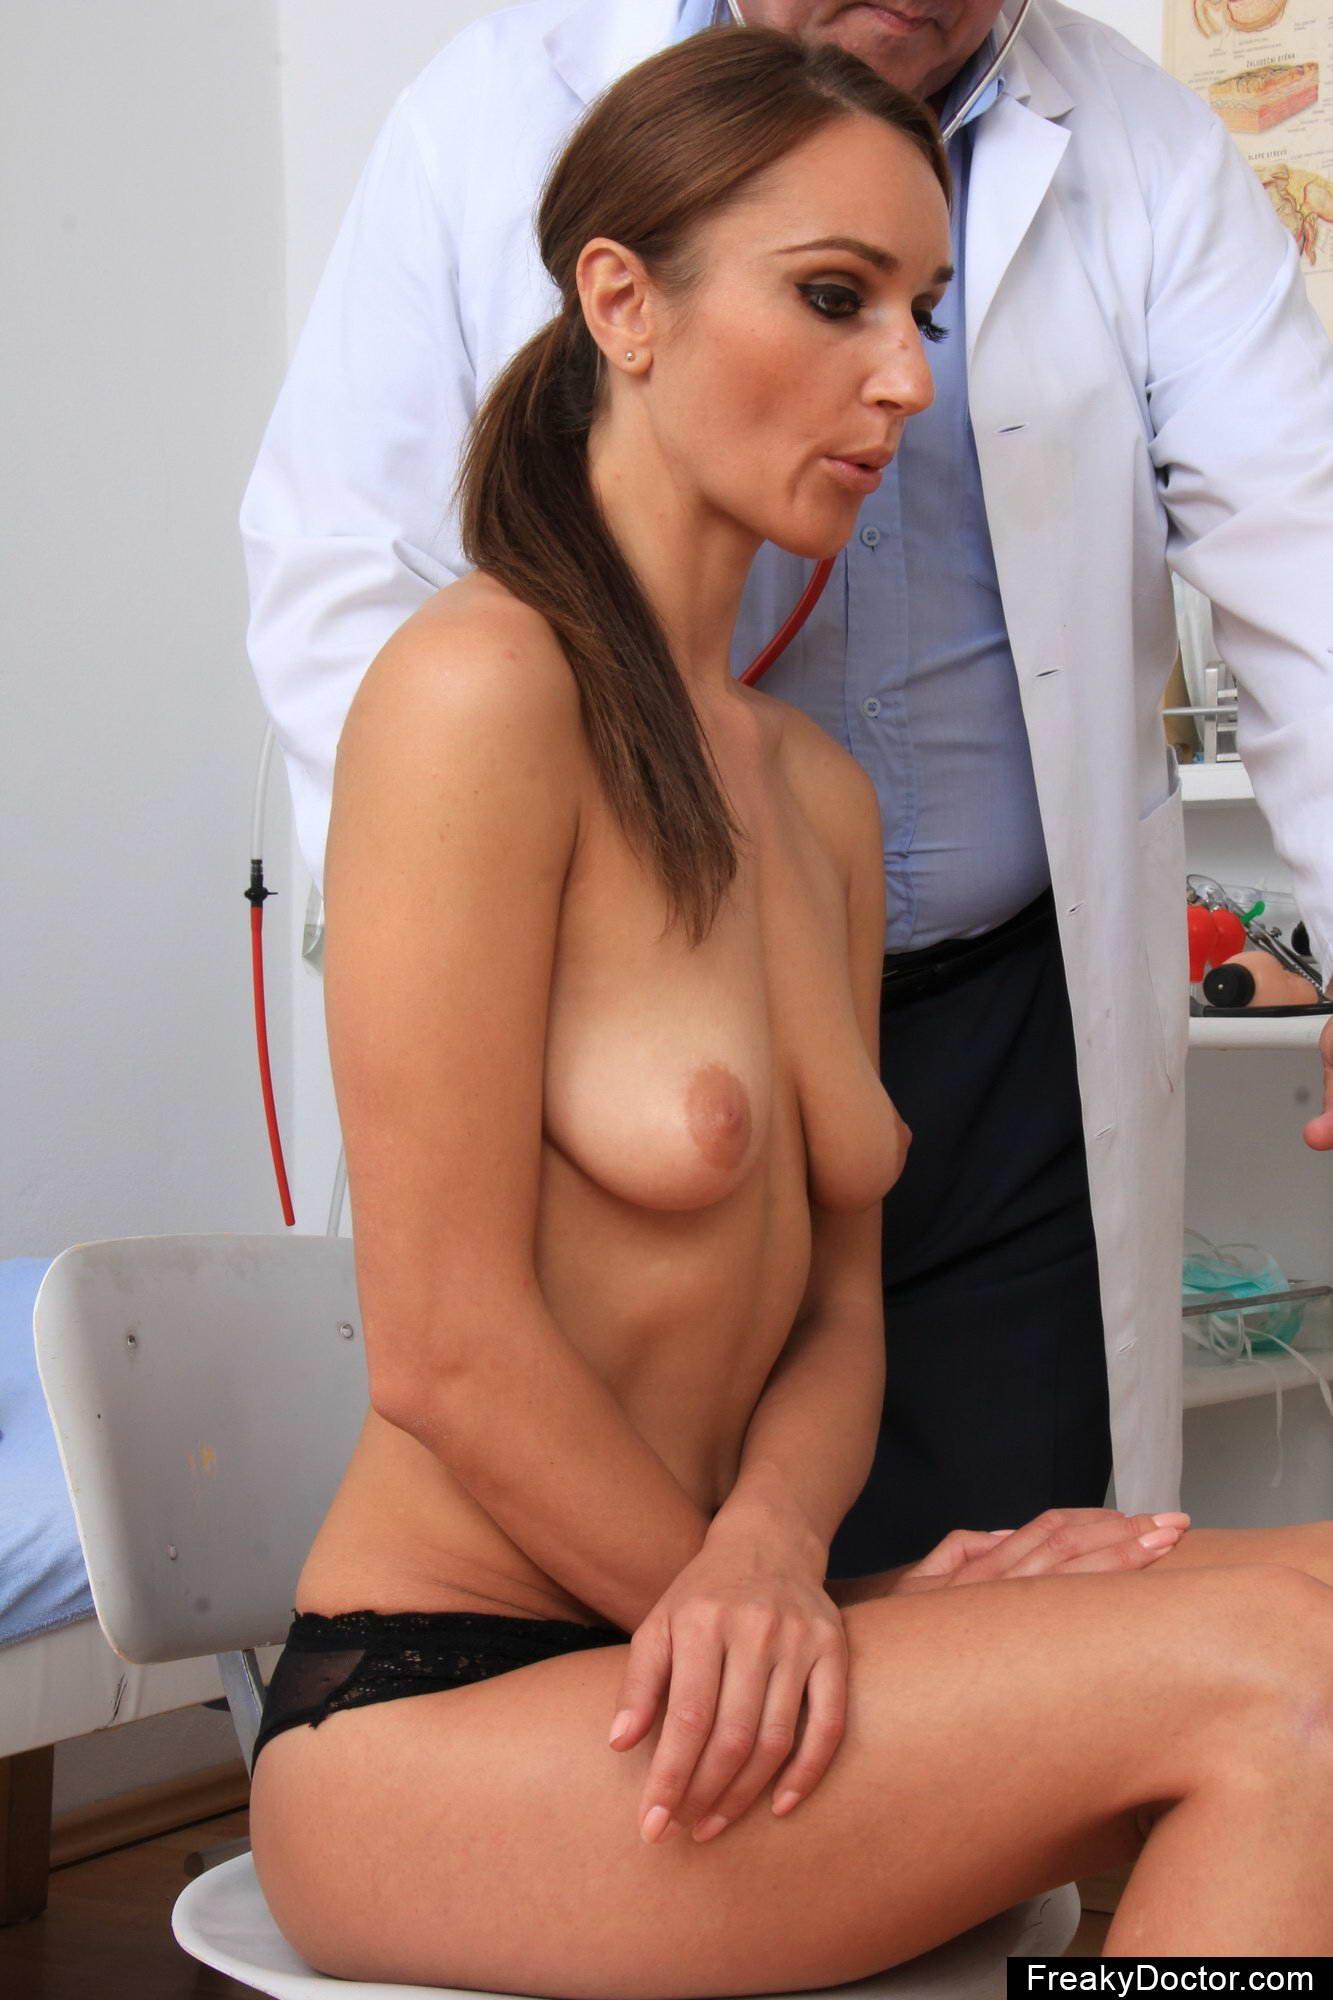 Секс у кабинете гинеколога 29 фотография